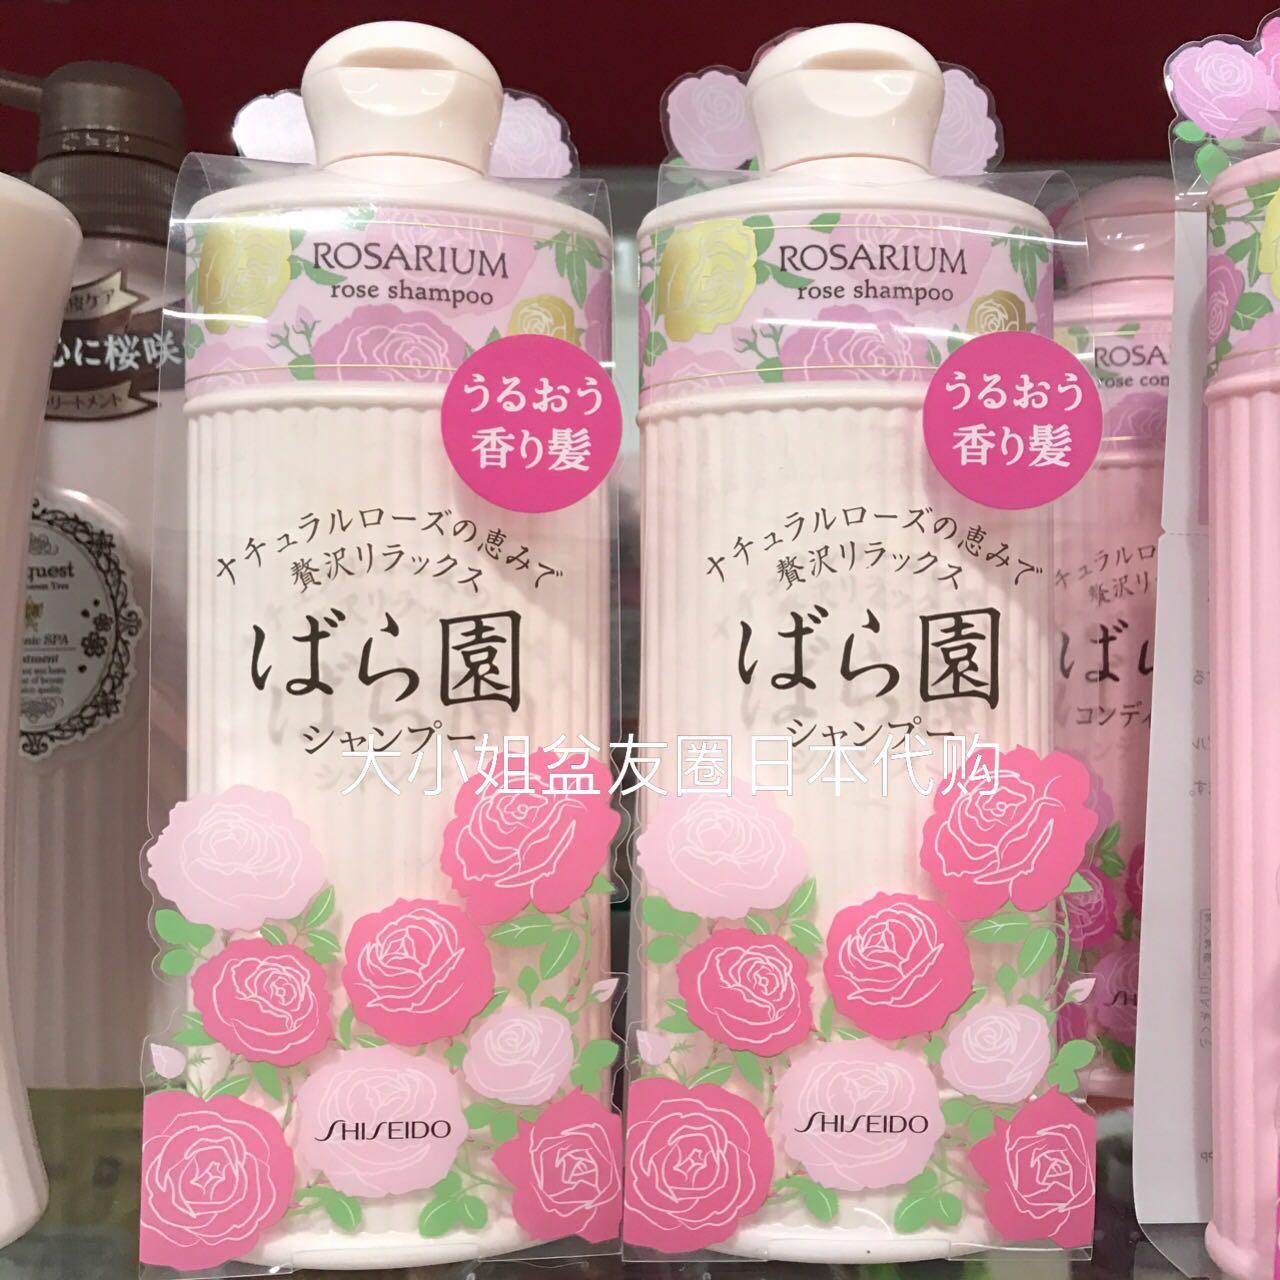 包邮日本资生堂玫瑰蔷薇园ROSARIUM天然无硅油去头屑滋润洗发水